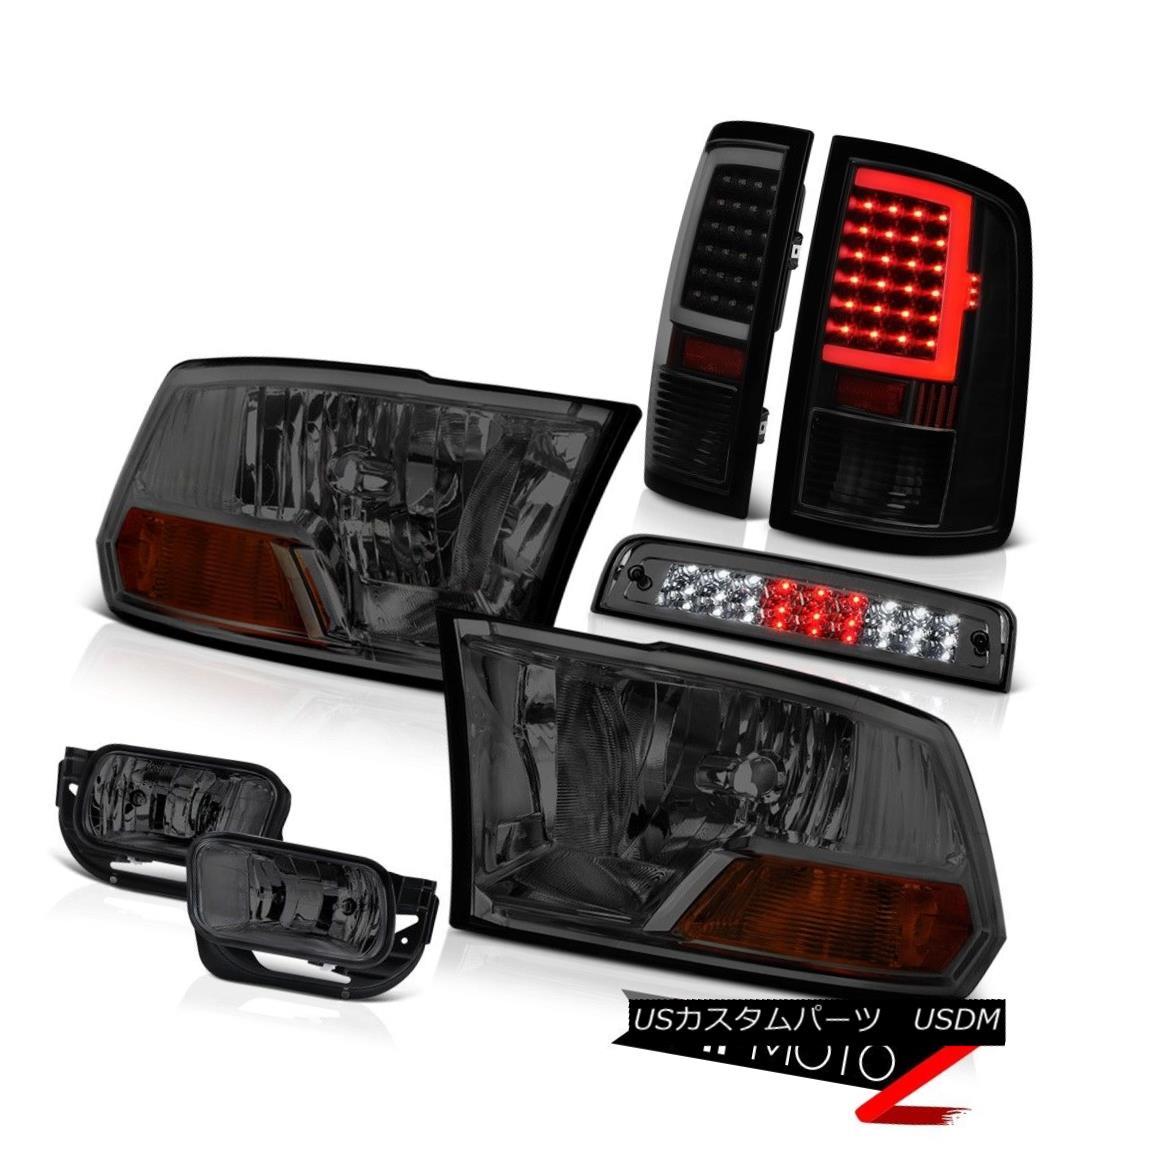 テールライト 2009-2013 Dodge RAM 1500 Tail Lamp Fog Lights Brake Factory Style Head Lamp SET 2009-2013ダッジRAM 1500テールランプフォグライトブレーキ工場スタイルヘッドランプSET